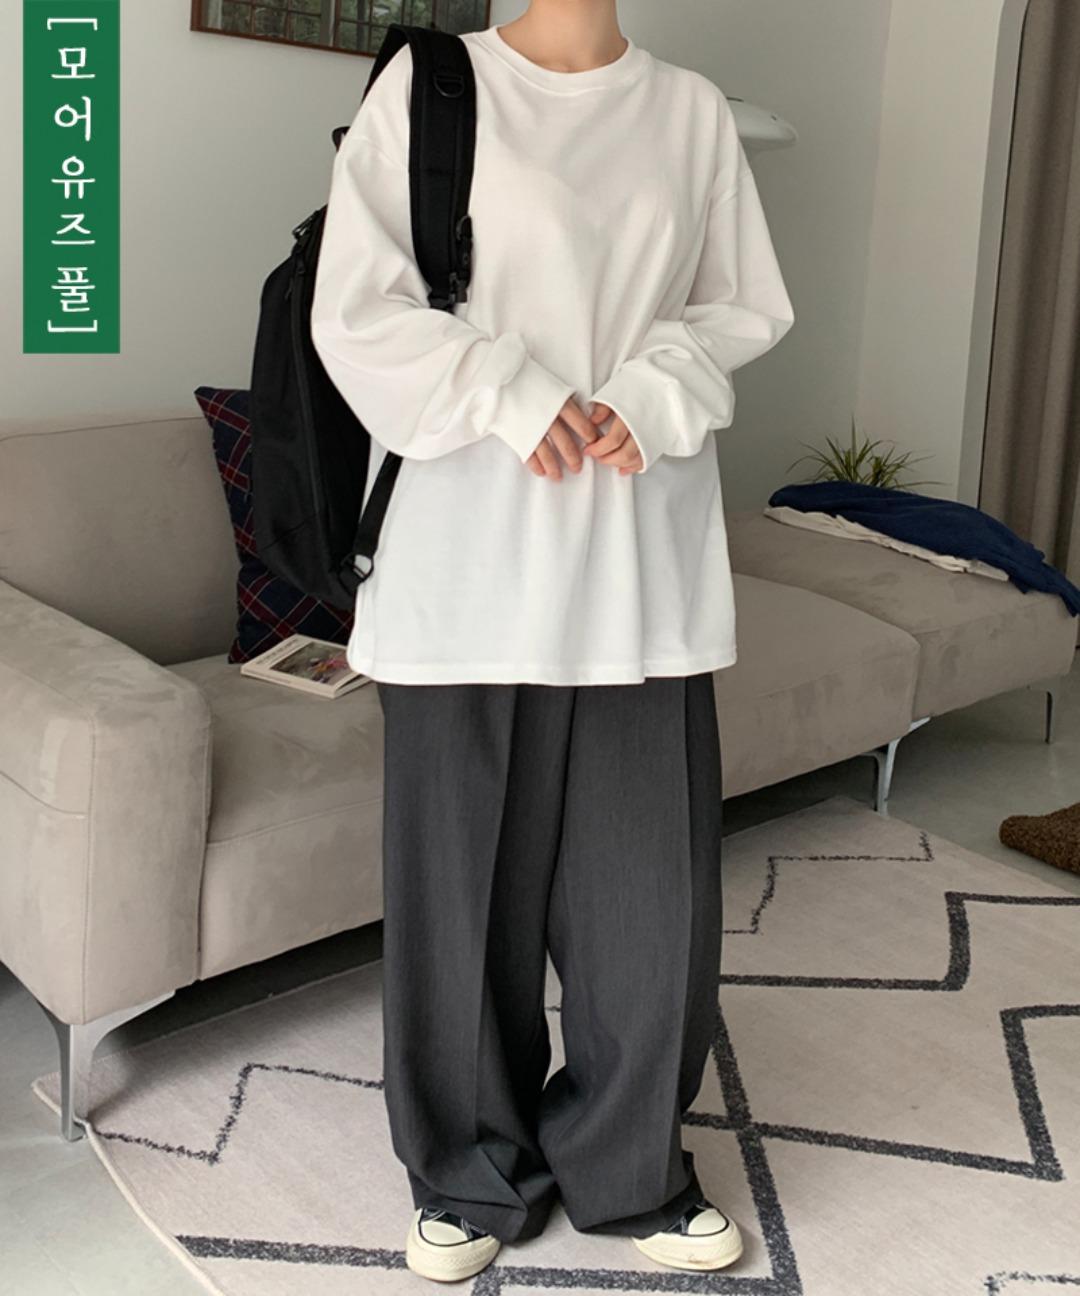 [자체제작](UNISEX) 탄탄 시보리 긴팔티